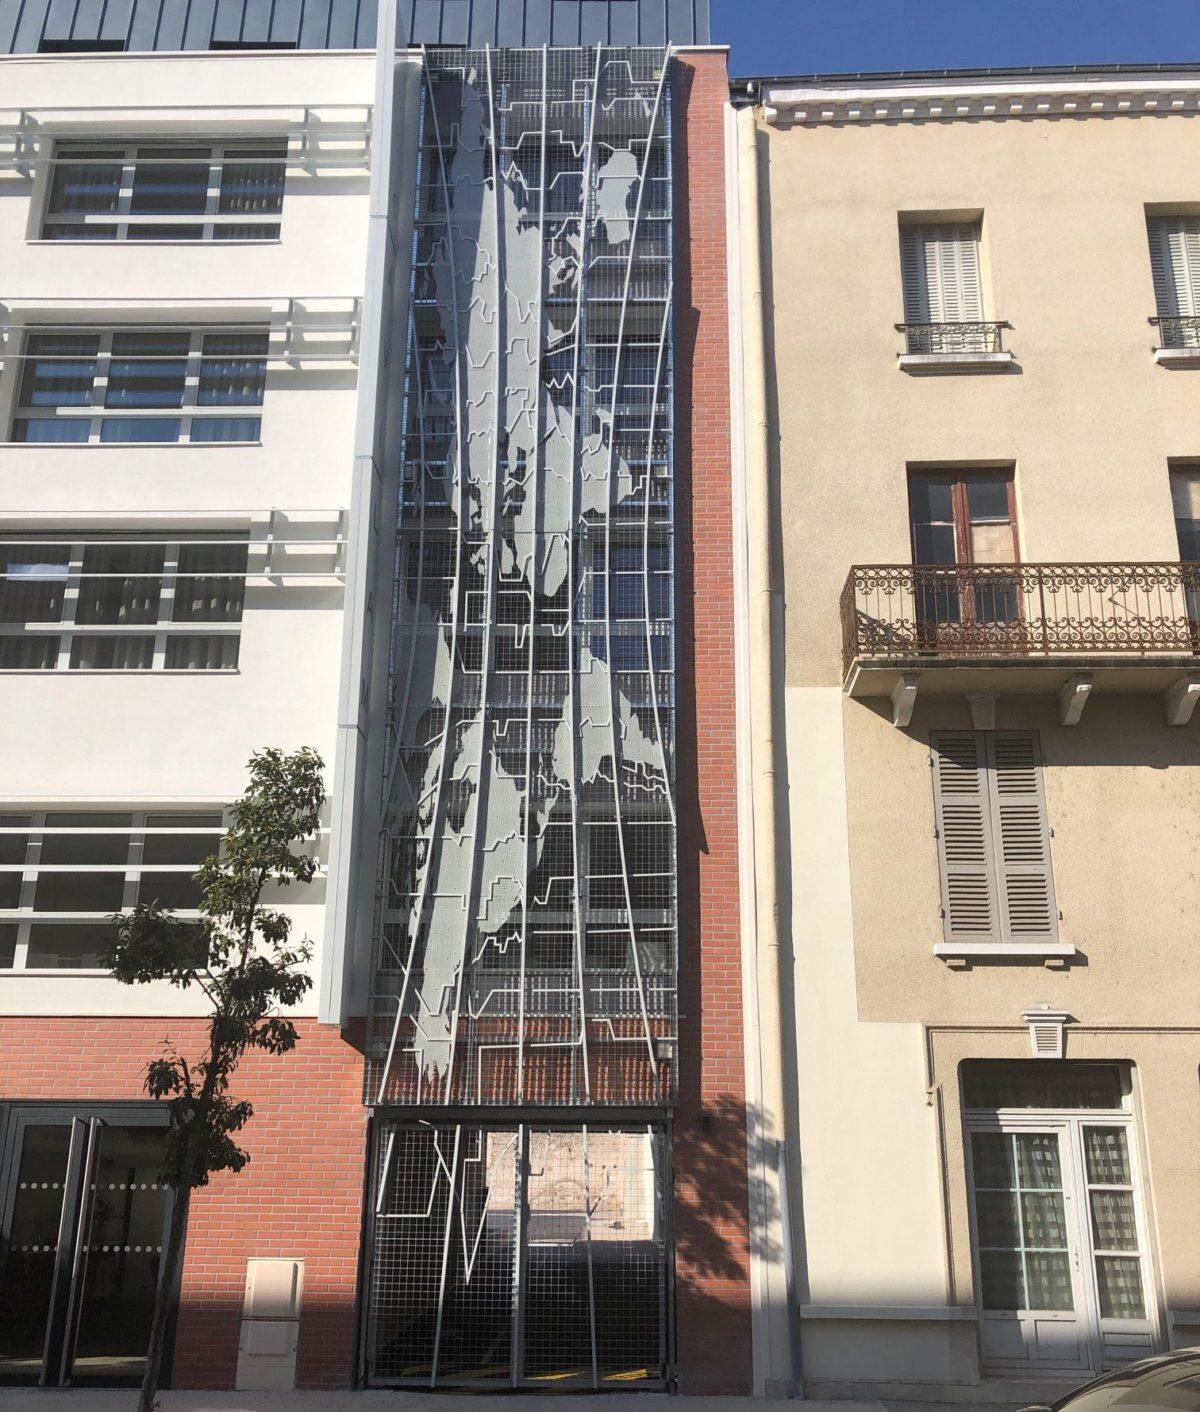 Le nouveau bâtiment du CAVILAM assoie son identité au cœur de Vichy